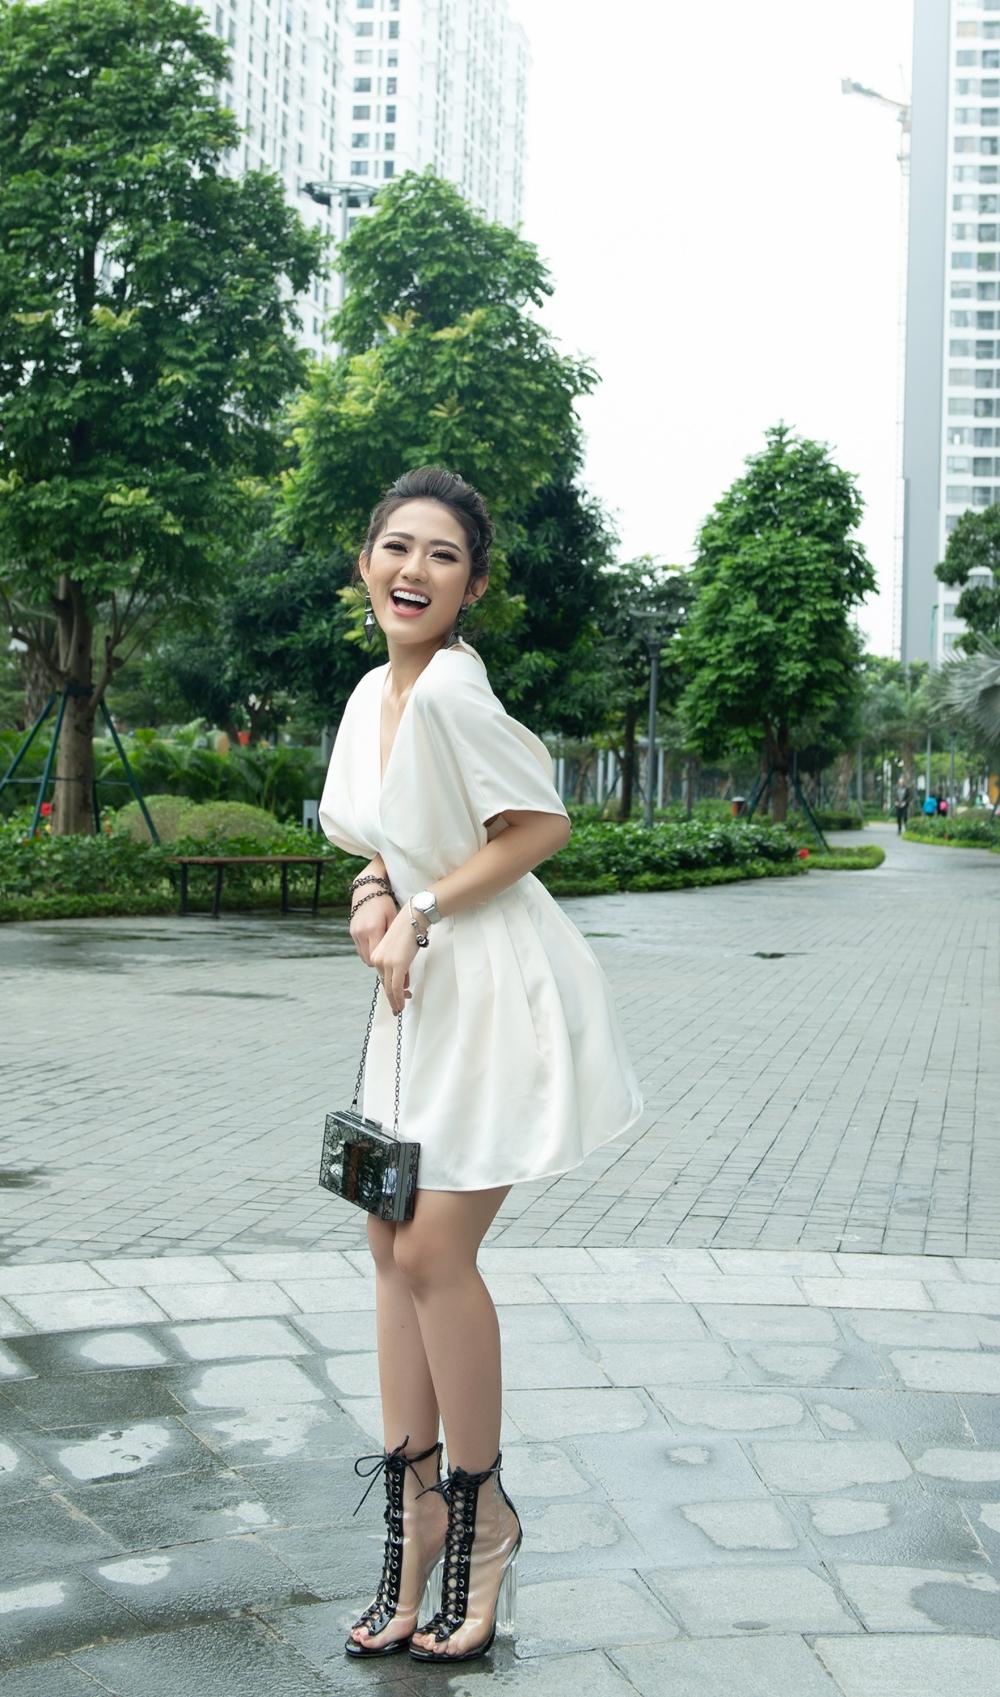 Vẻ ngoài của Trang Cherry thêm trẻ trung, năng động khi cây đồ trắng được kết hợp với đôi giày trong cao cổ thắt dây đen nổi bật.